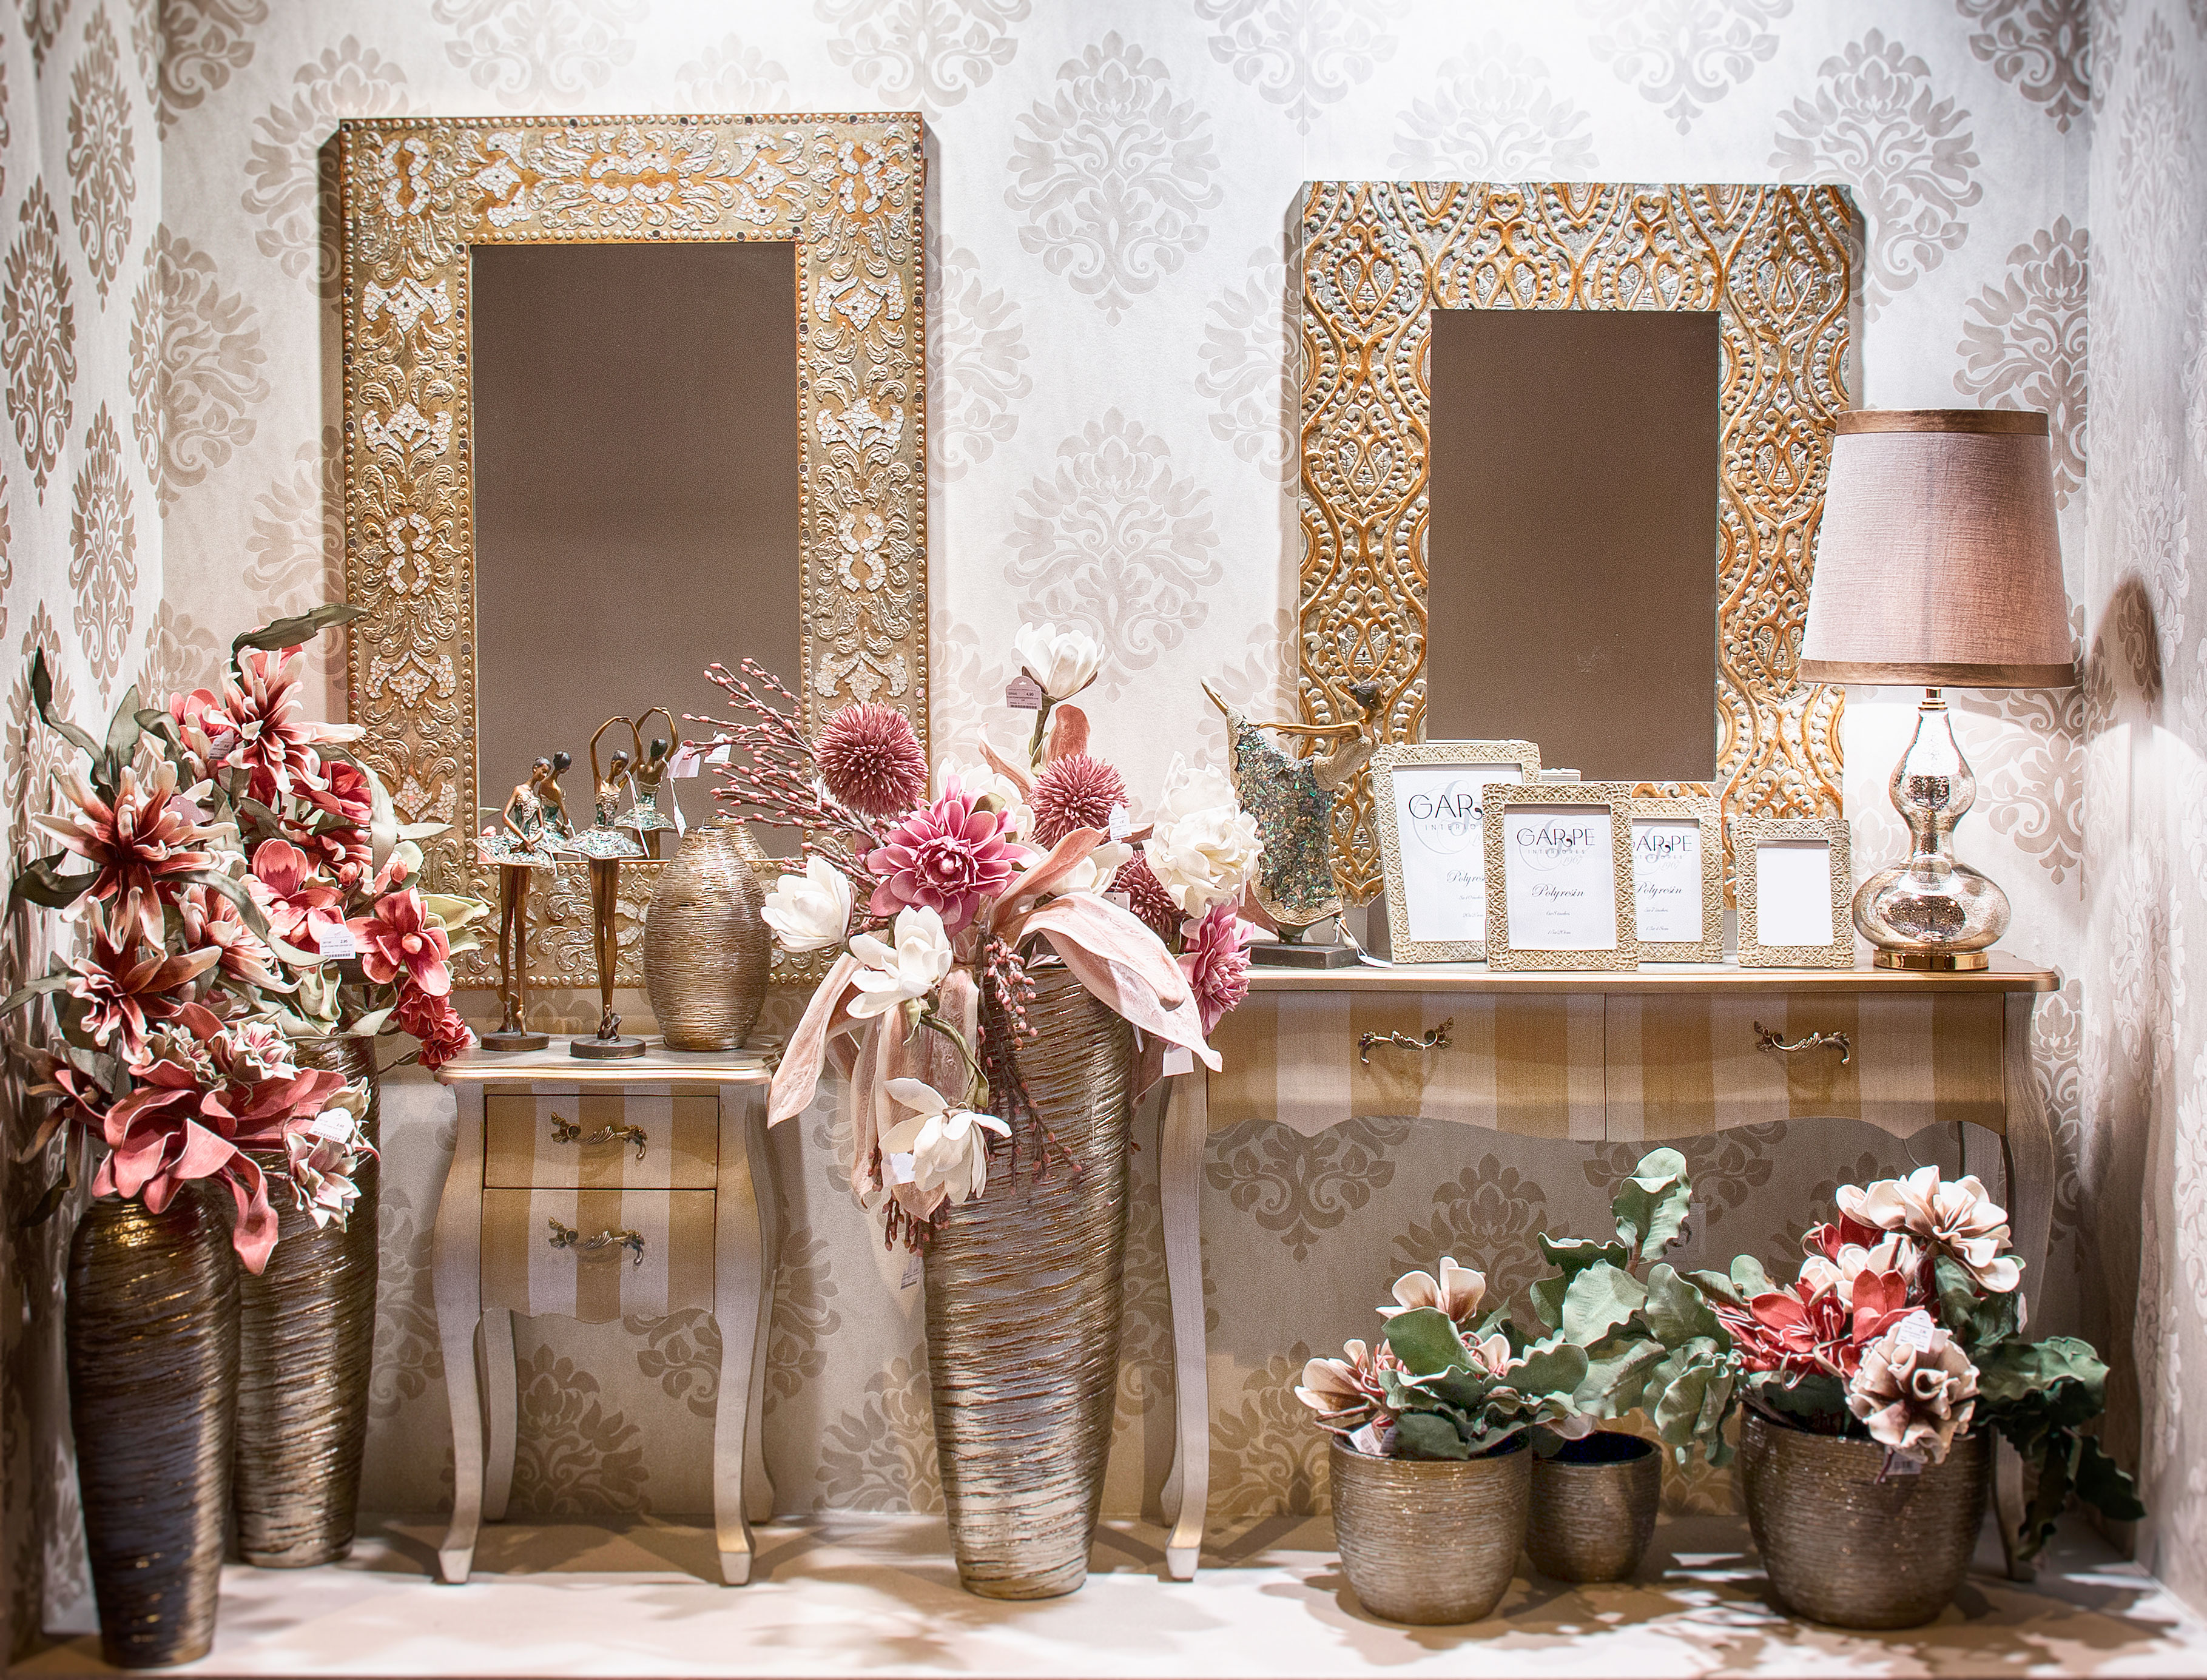 consolas y espejos garpe interiores